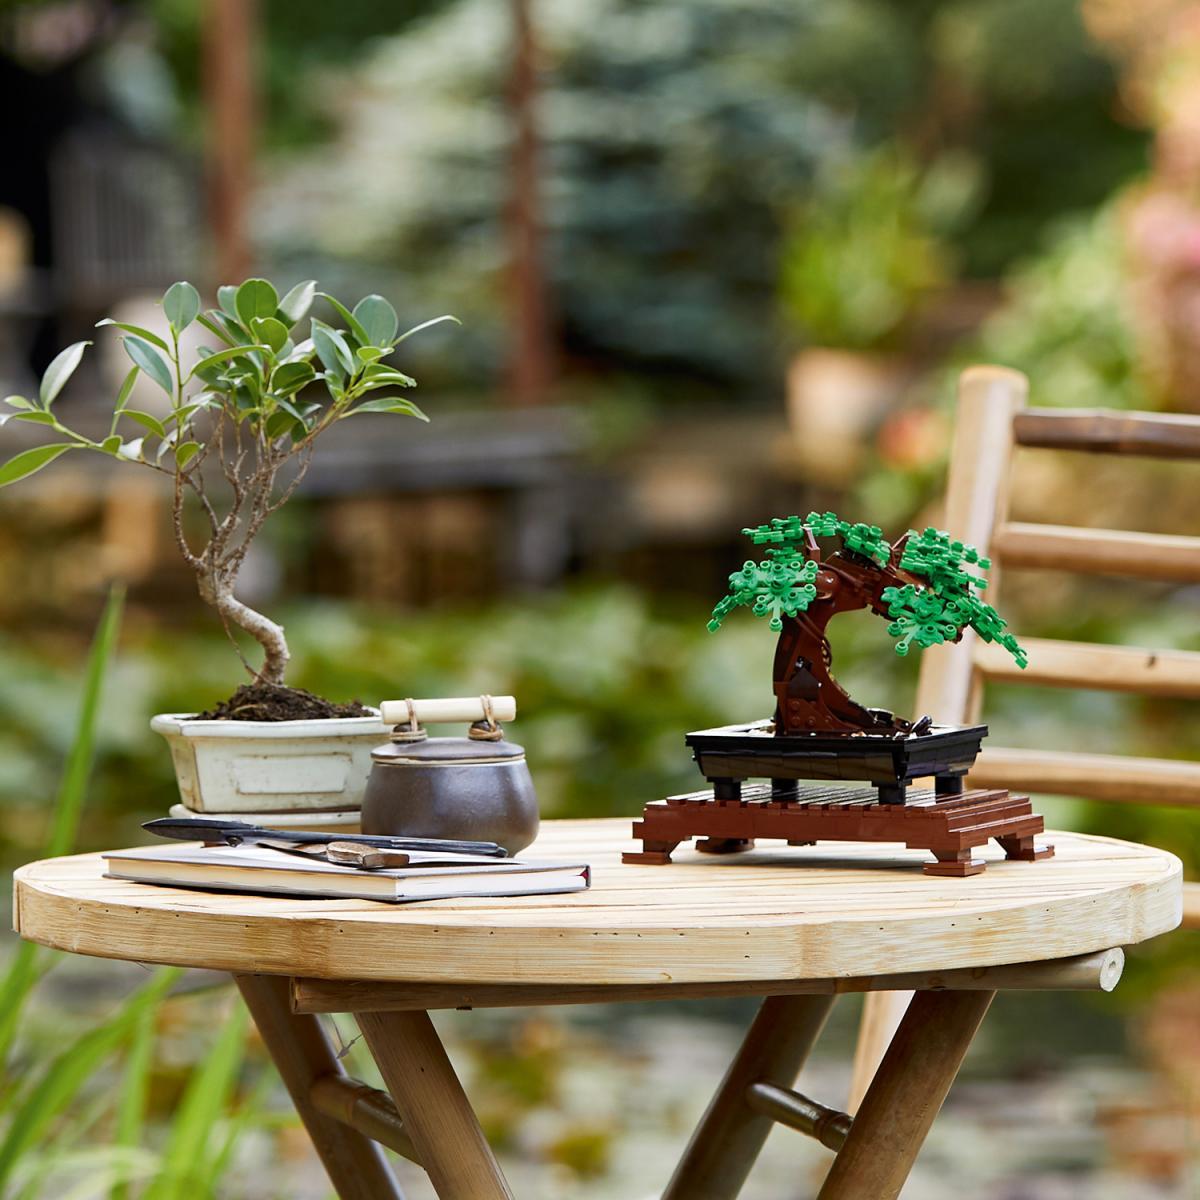 LEGO Botanical un bonsai vero e un bonsai lego